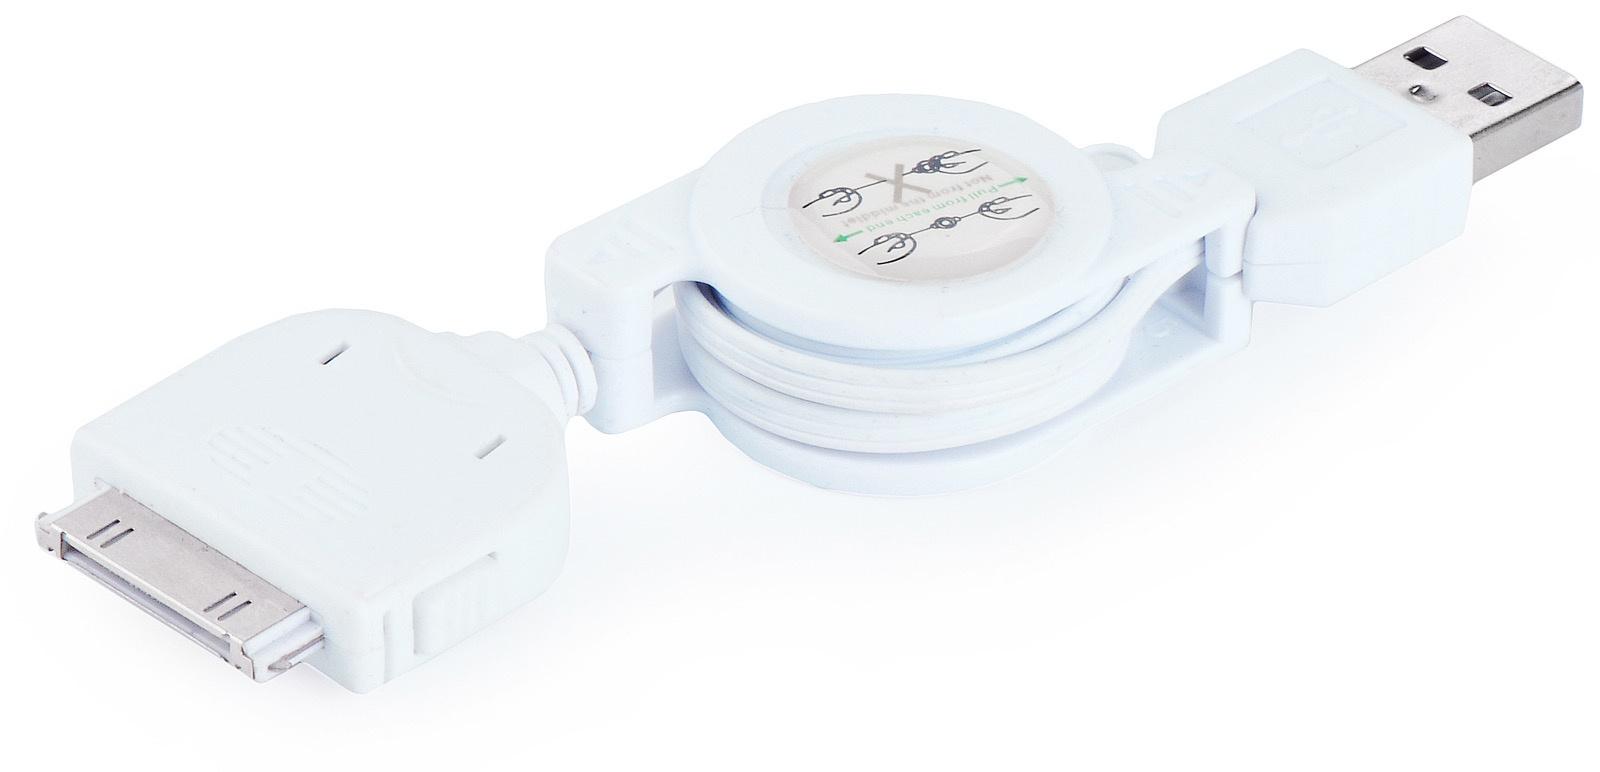 Кабель Gurdini рулетка для Apple iPhone, iPad, iPod, белый кабель hama 30 pin apple usb 2 0 черный 1м для apple iphone 3g 3gs 4 4s 00093577